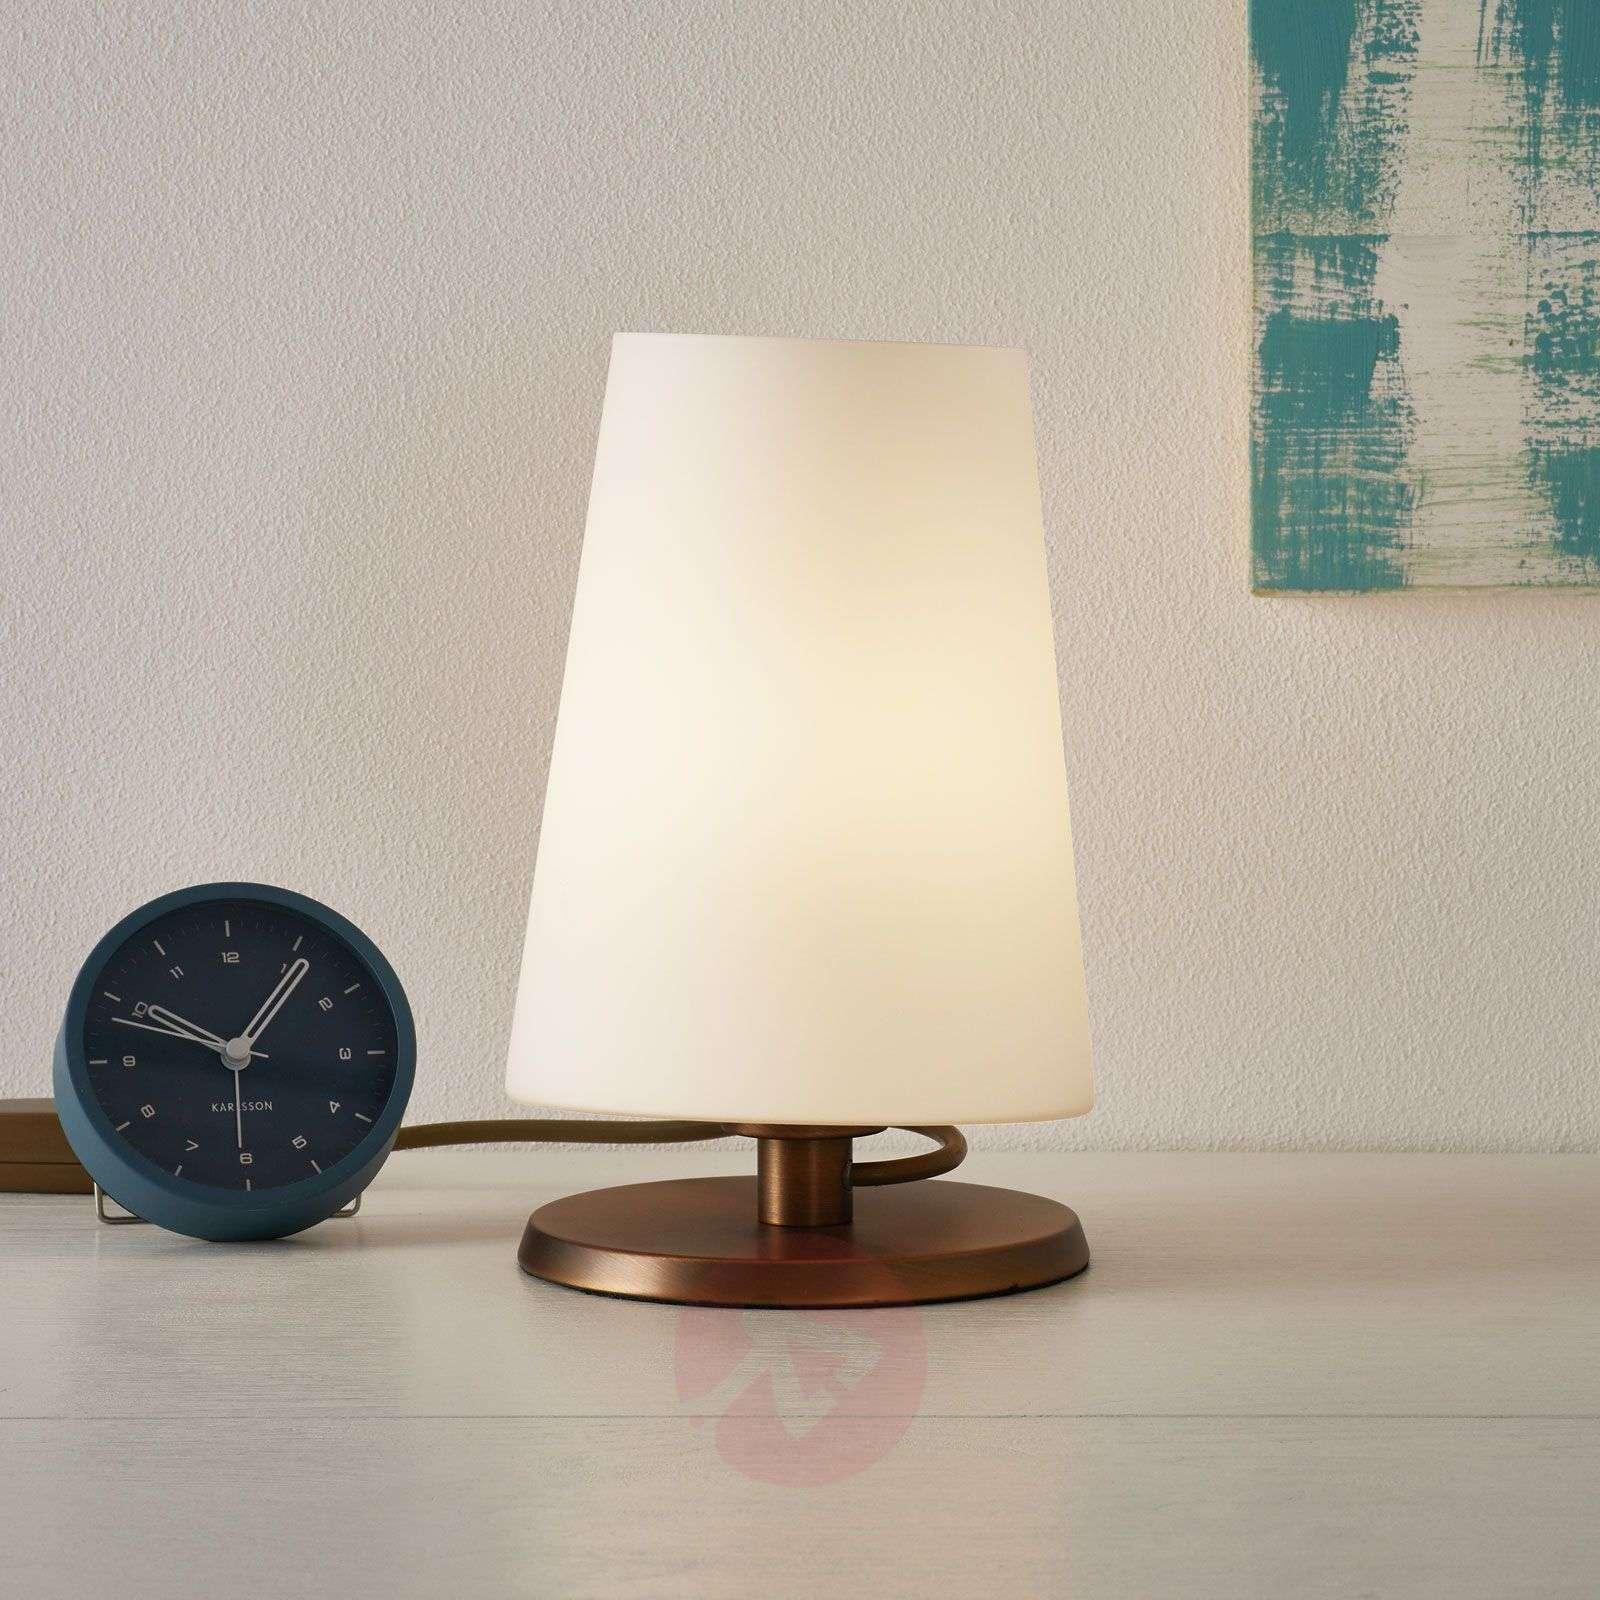 Ancilla-pöytälamppu kosketushimmentimellä, pronssi-8509745-01